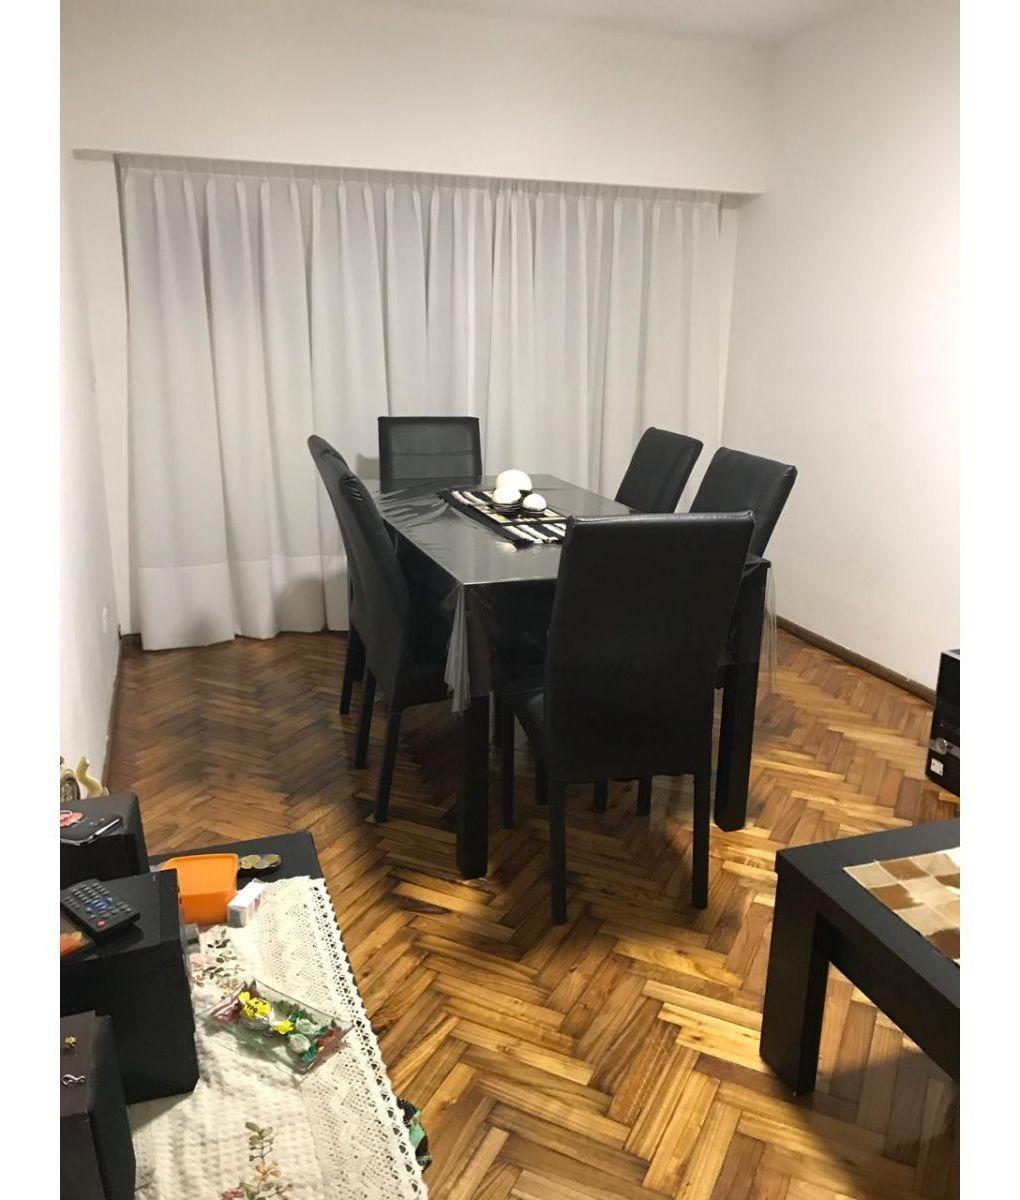 departamento 2 dormitorios - catamarca 1500